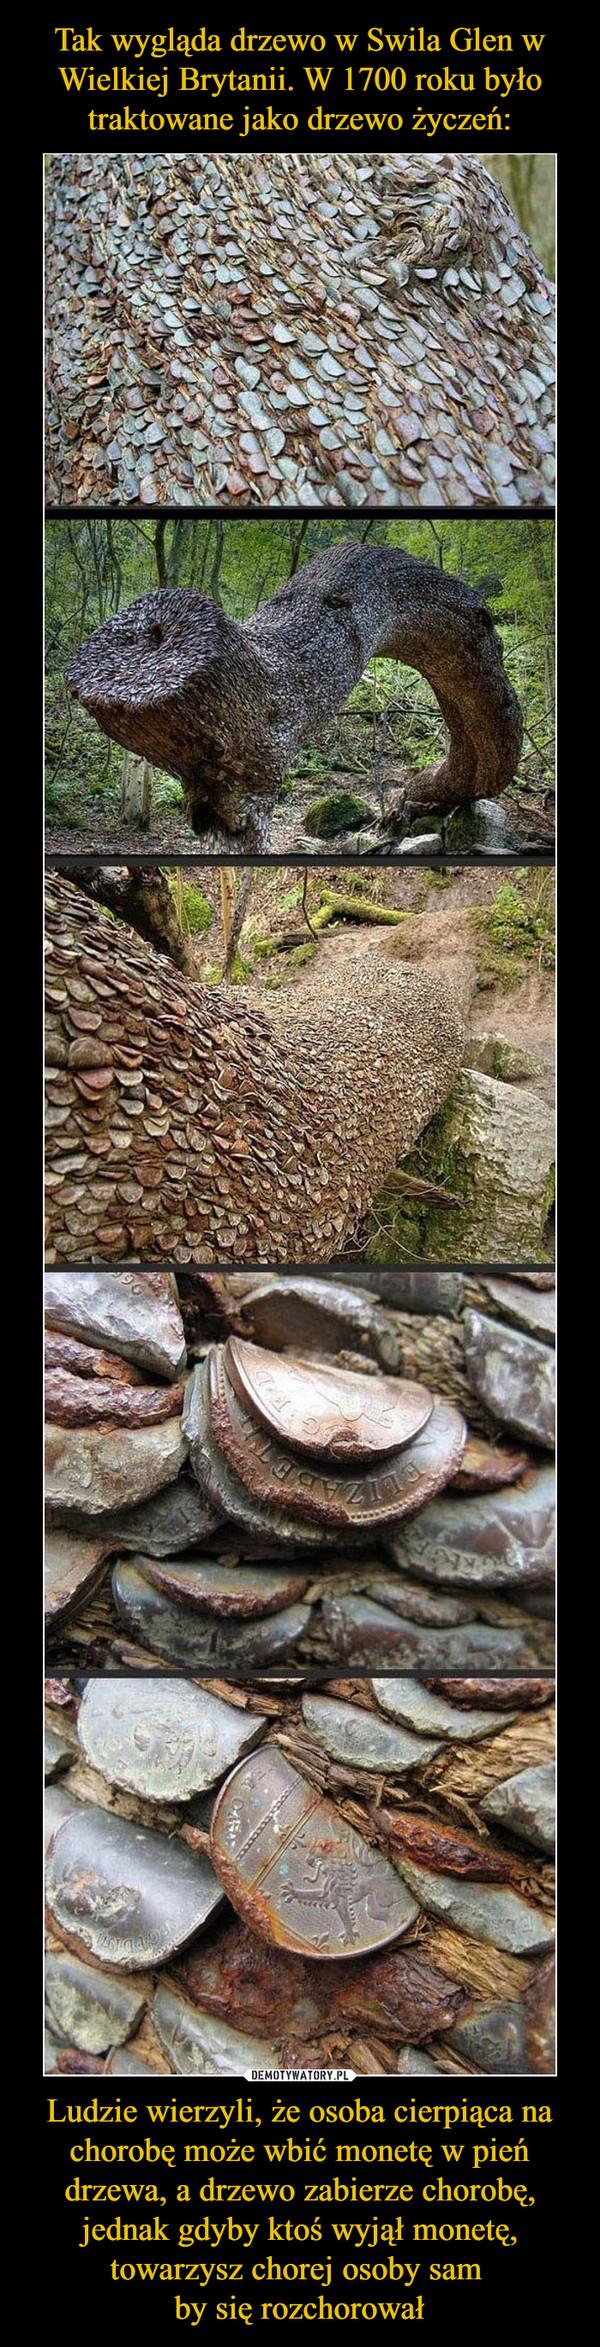 Ludzie wierzyli, że osoba cierpiąca na chorobę może wbić monetę w pień drzewa, a drzewo zabierze chorobę, jednak gdyby ktoś wyjął monetę, towarzysz chorej osoby sam by się rozchorował –